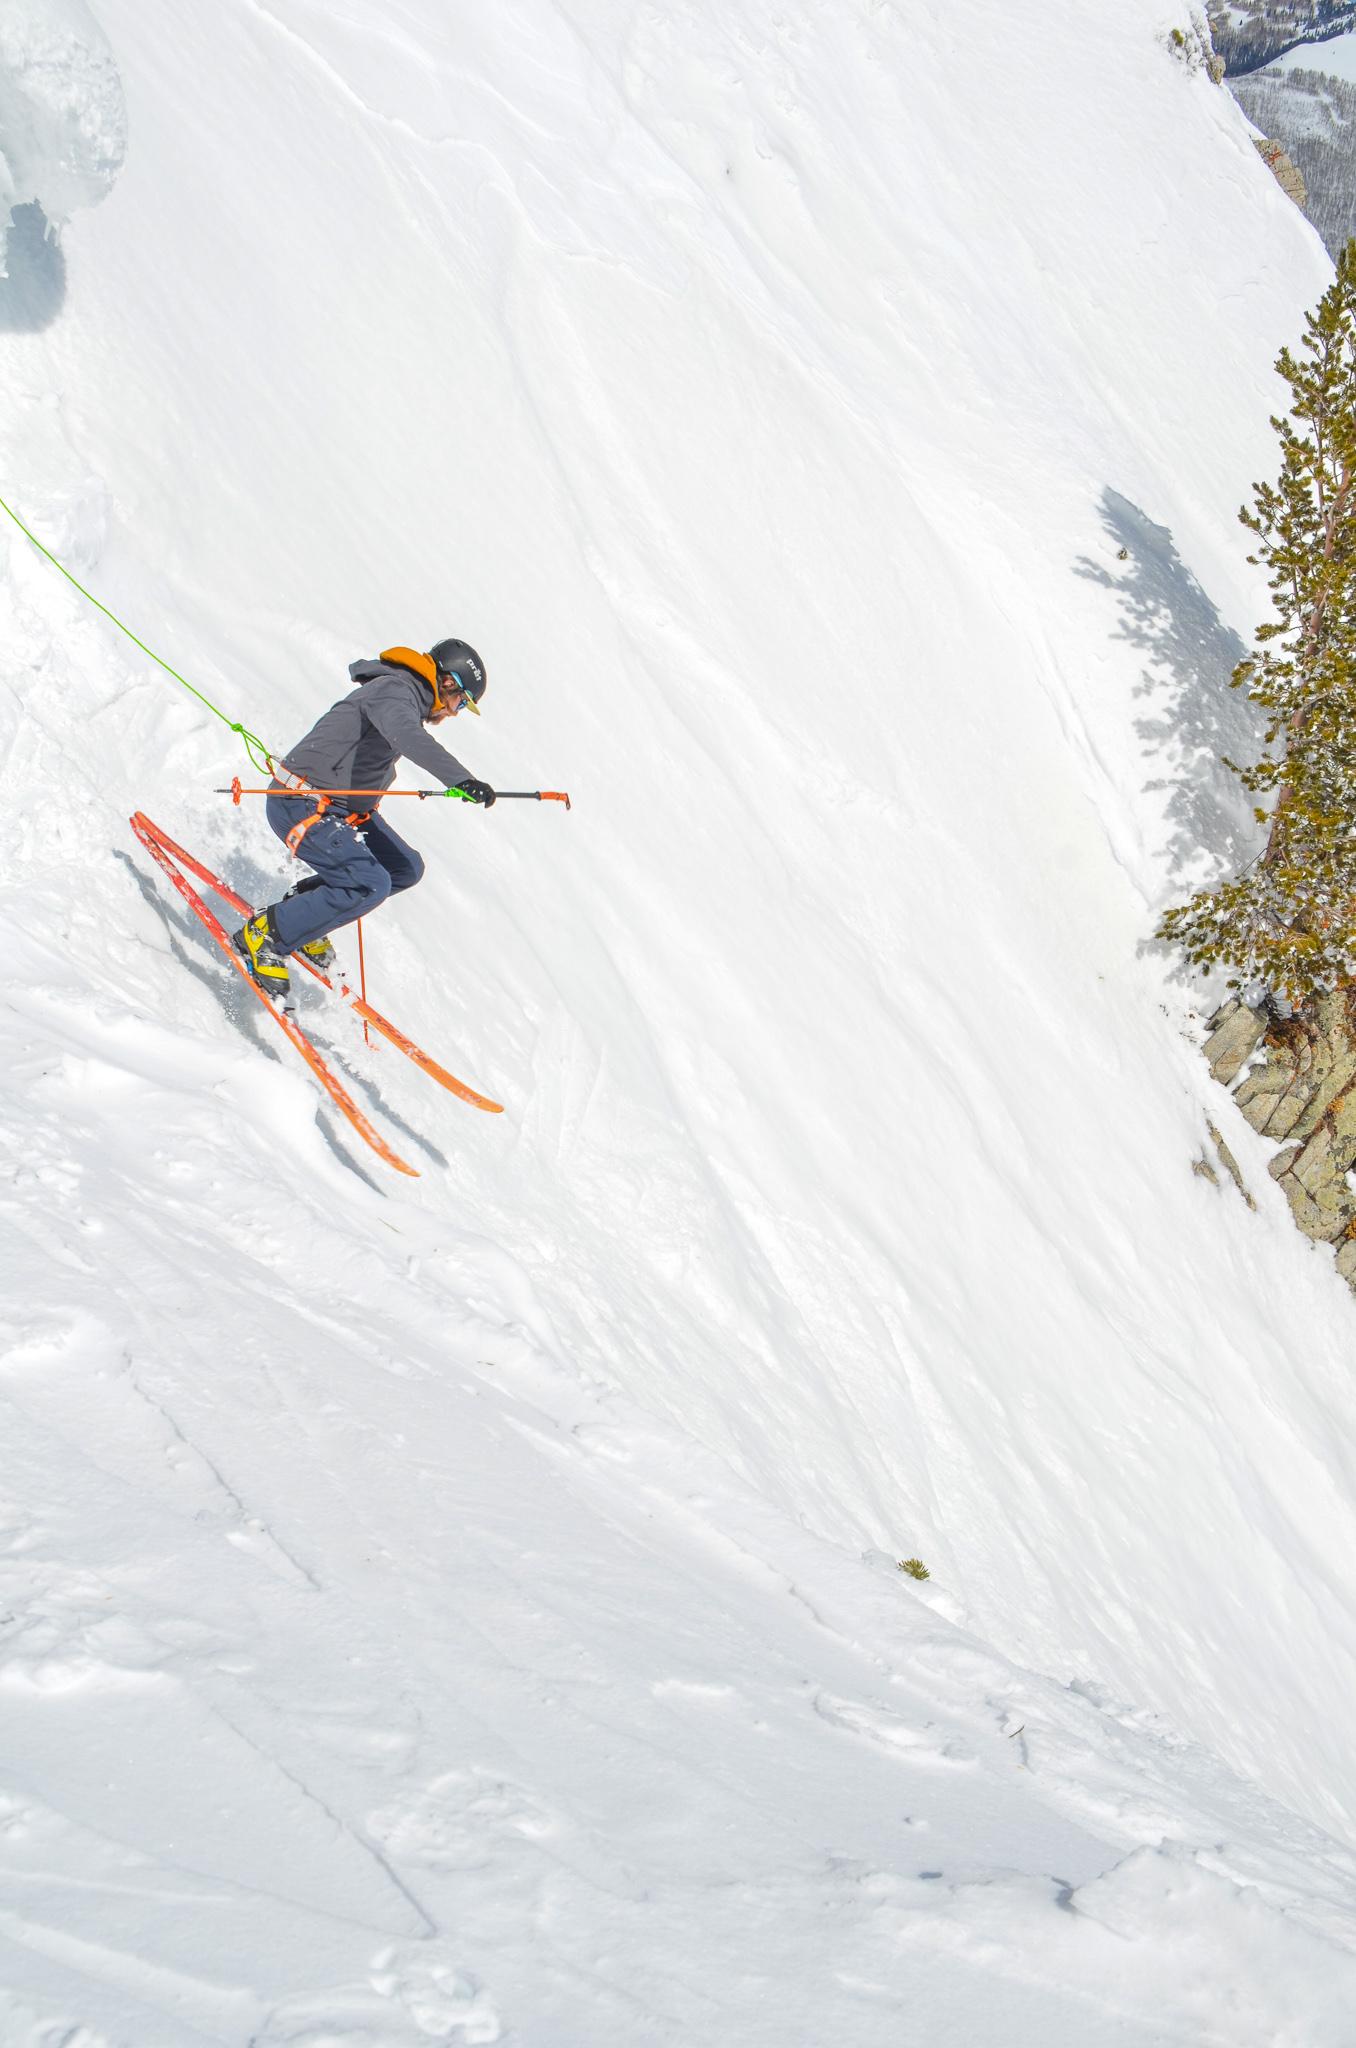 ski mountaineering belayed skiing